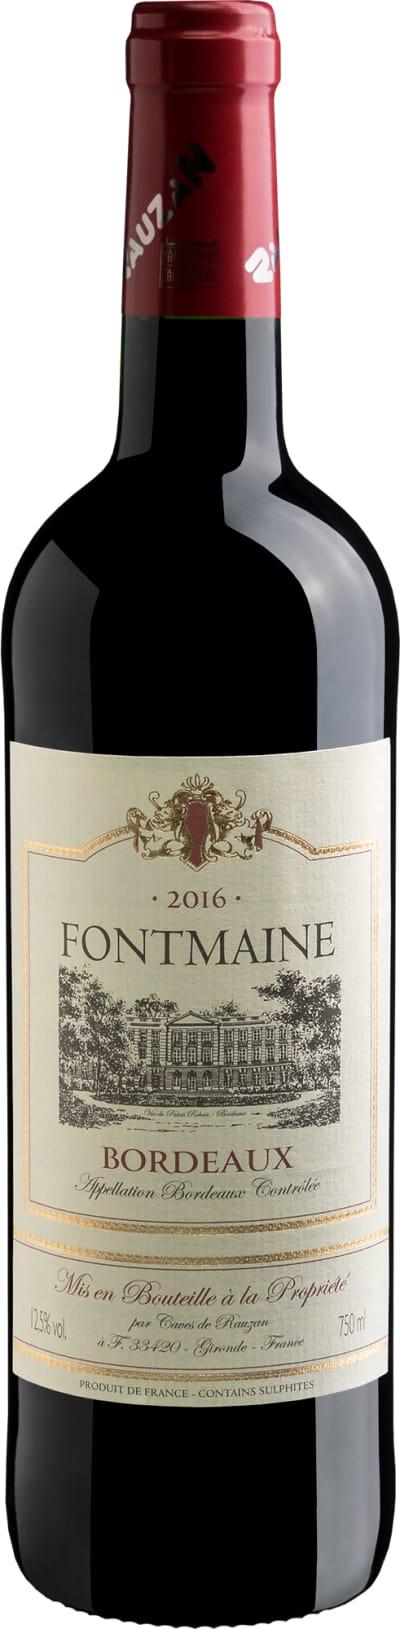 Bordeaux Fontmaine AOC 2016